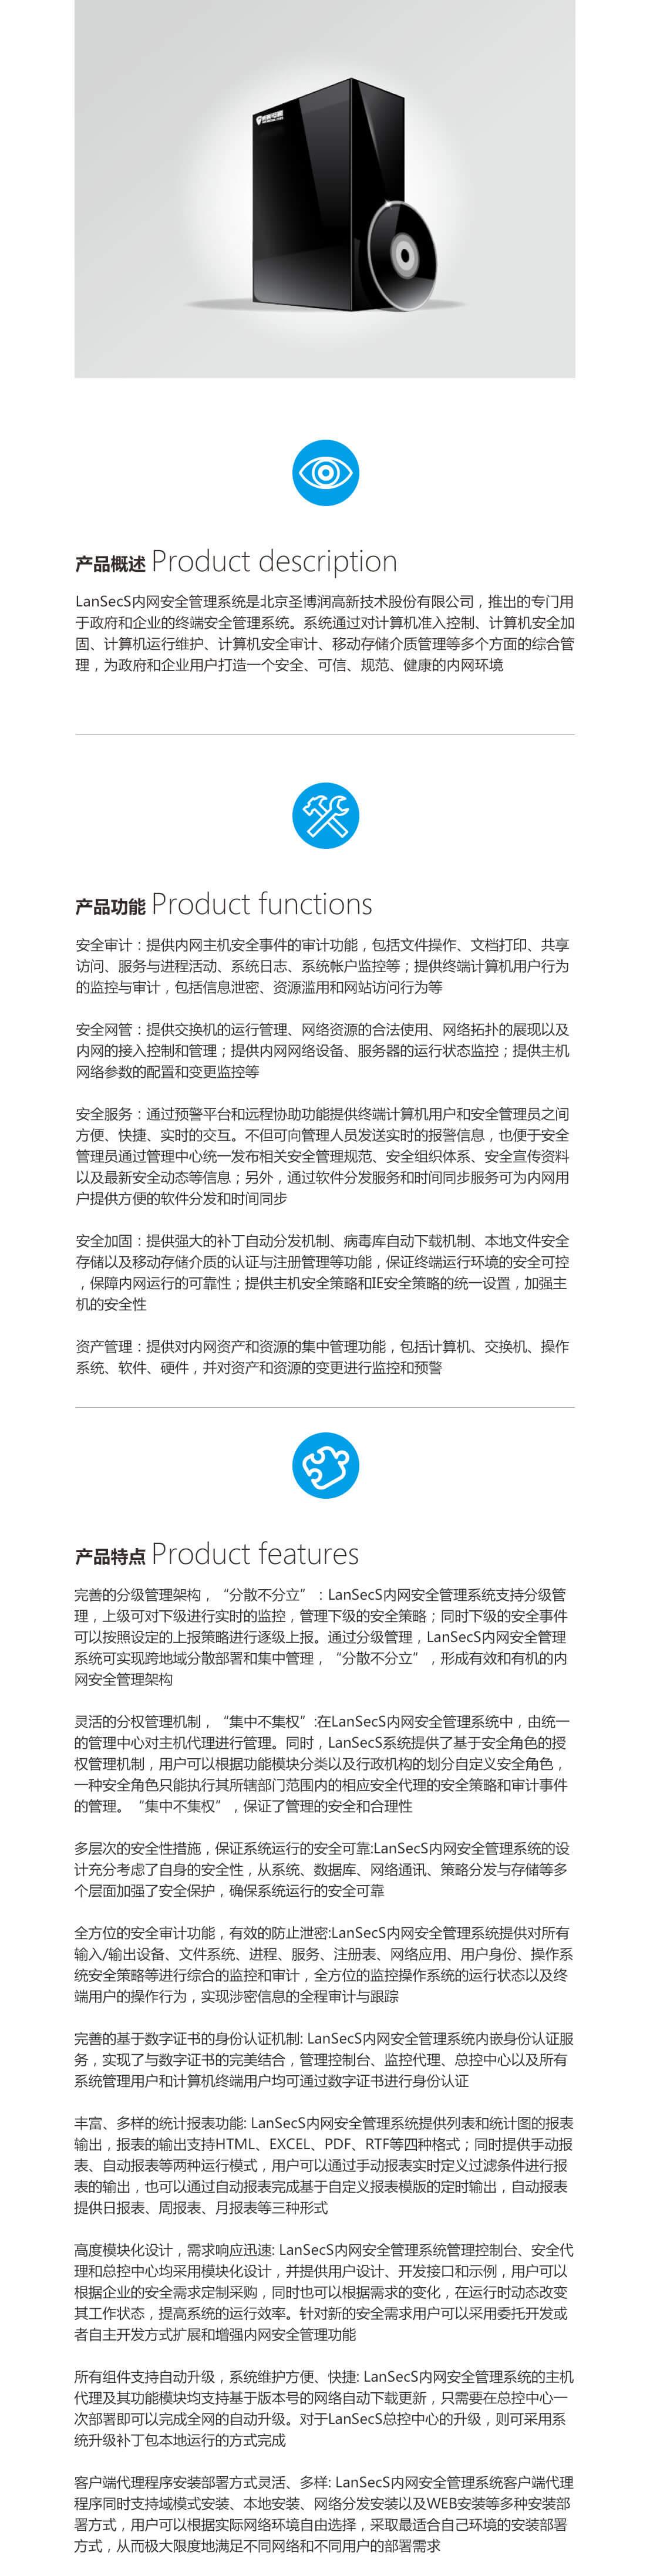 圣博润内网安全管理系统.jpg